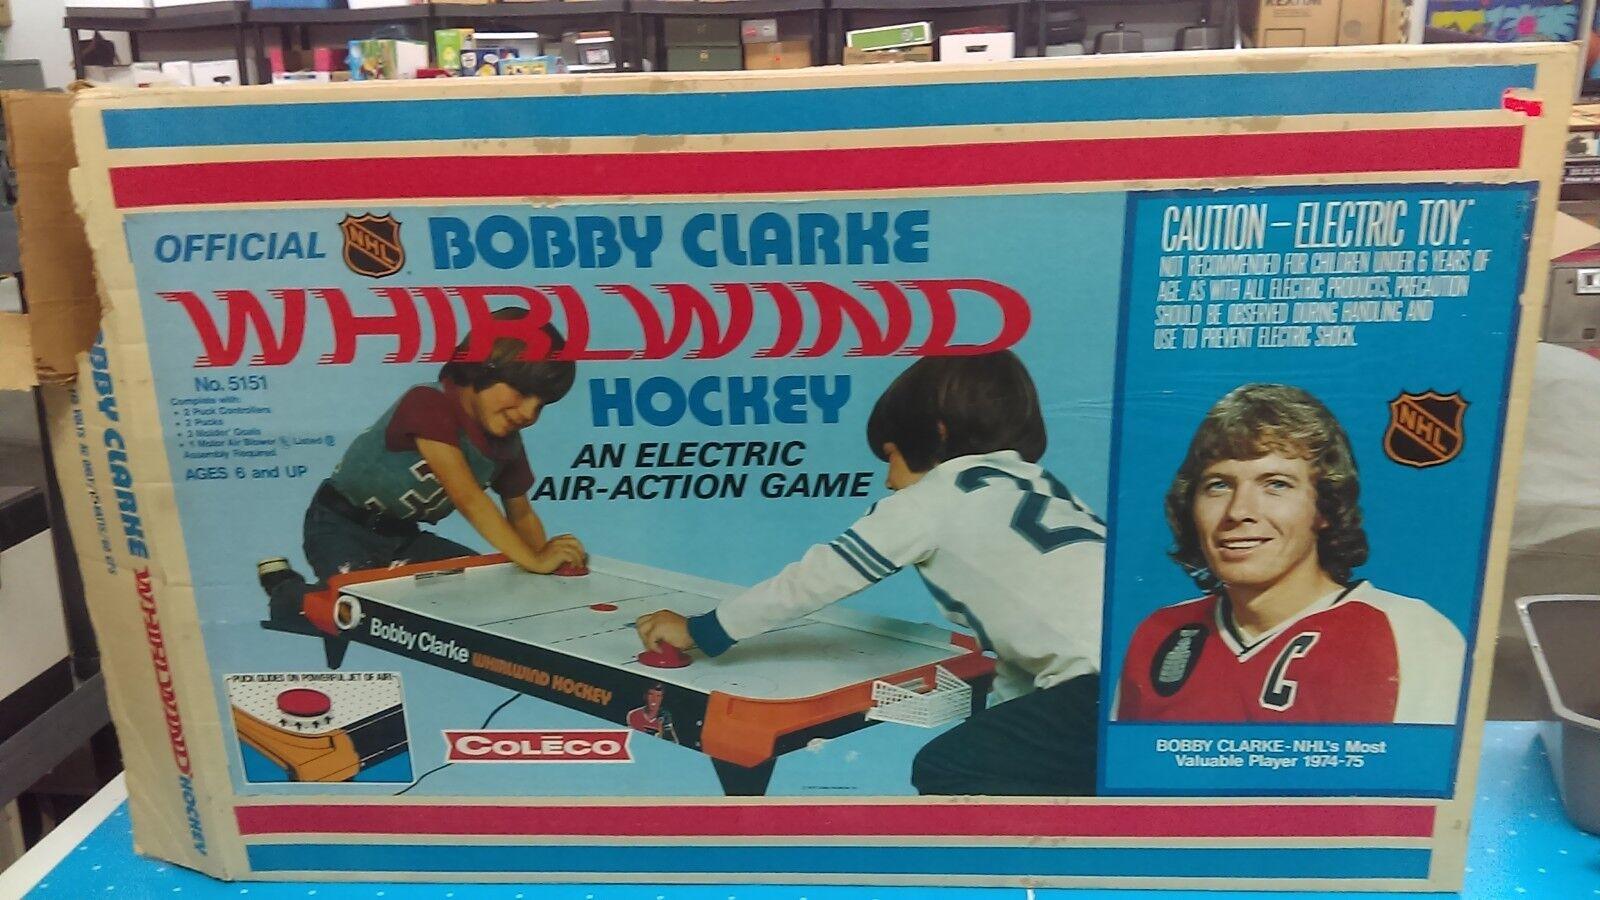 1975 Bobby Clark Whirlwind Air Hockey Coleco (caja únicamente) difícil de encontrar 36 X 24 X 4